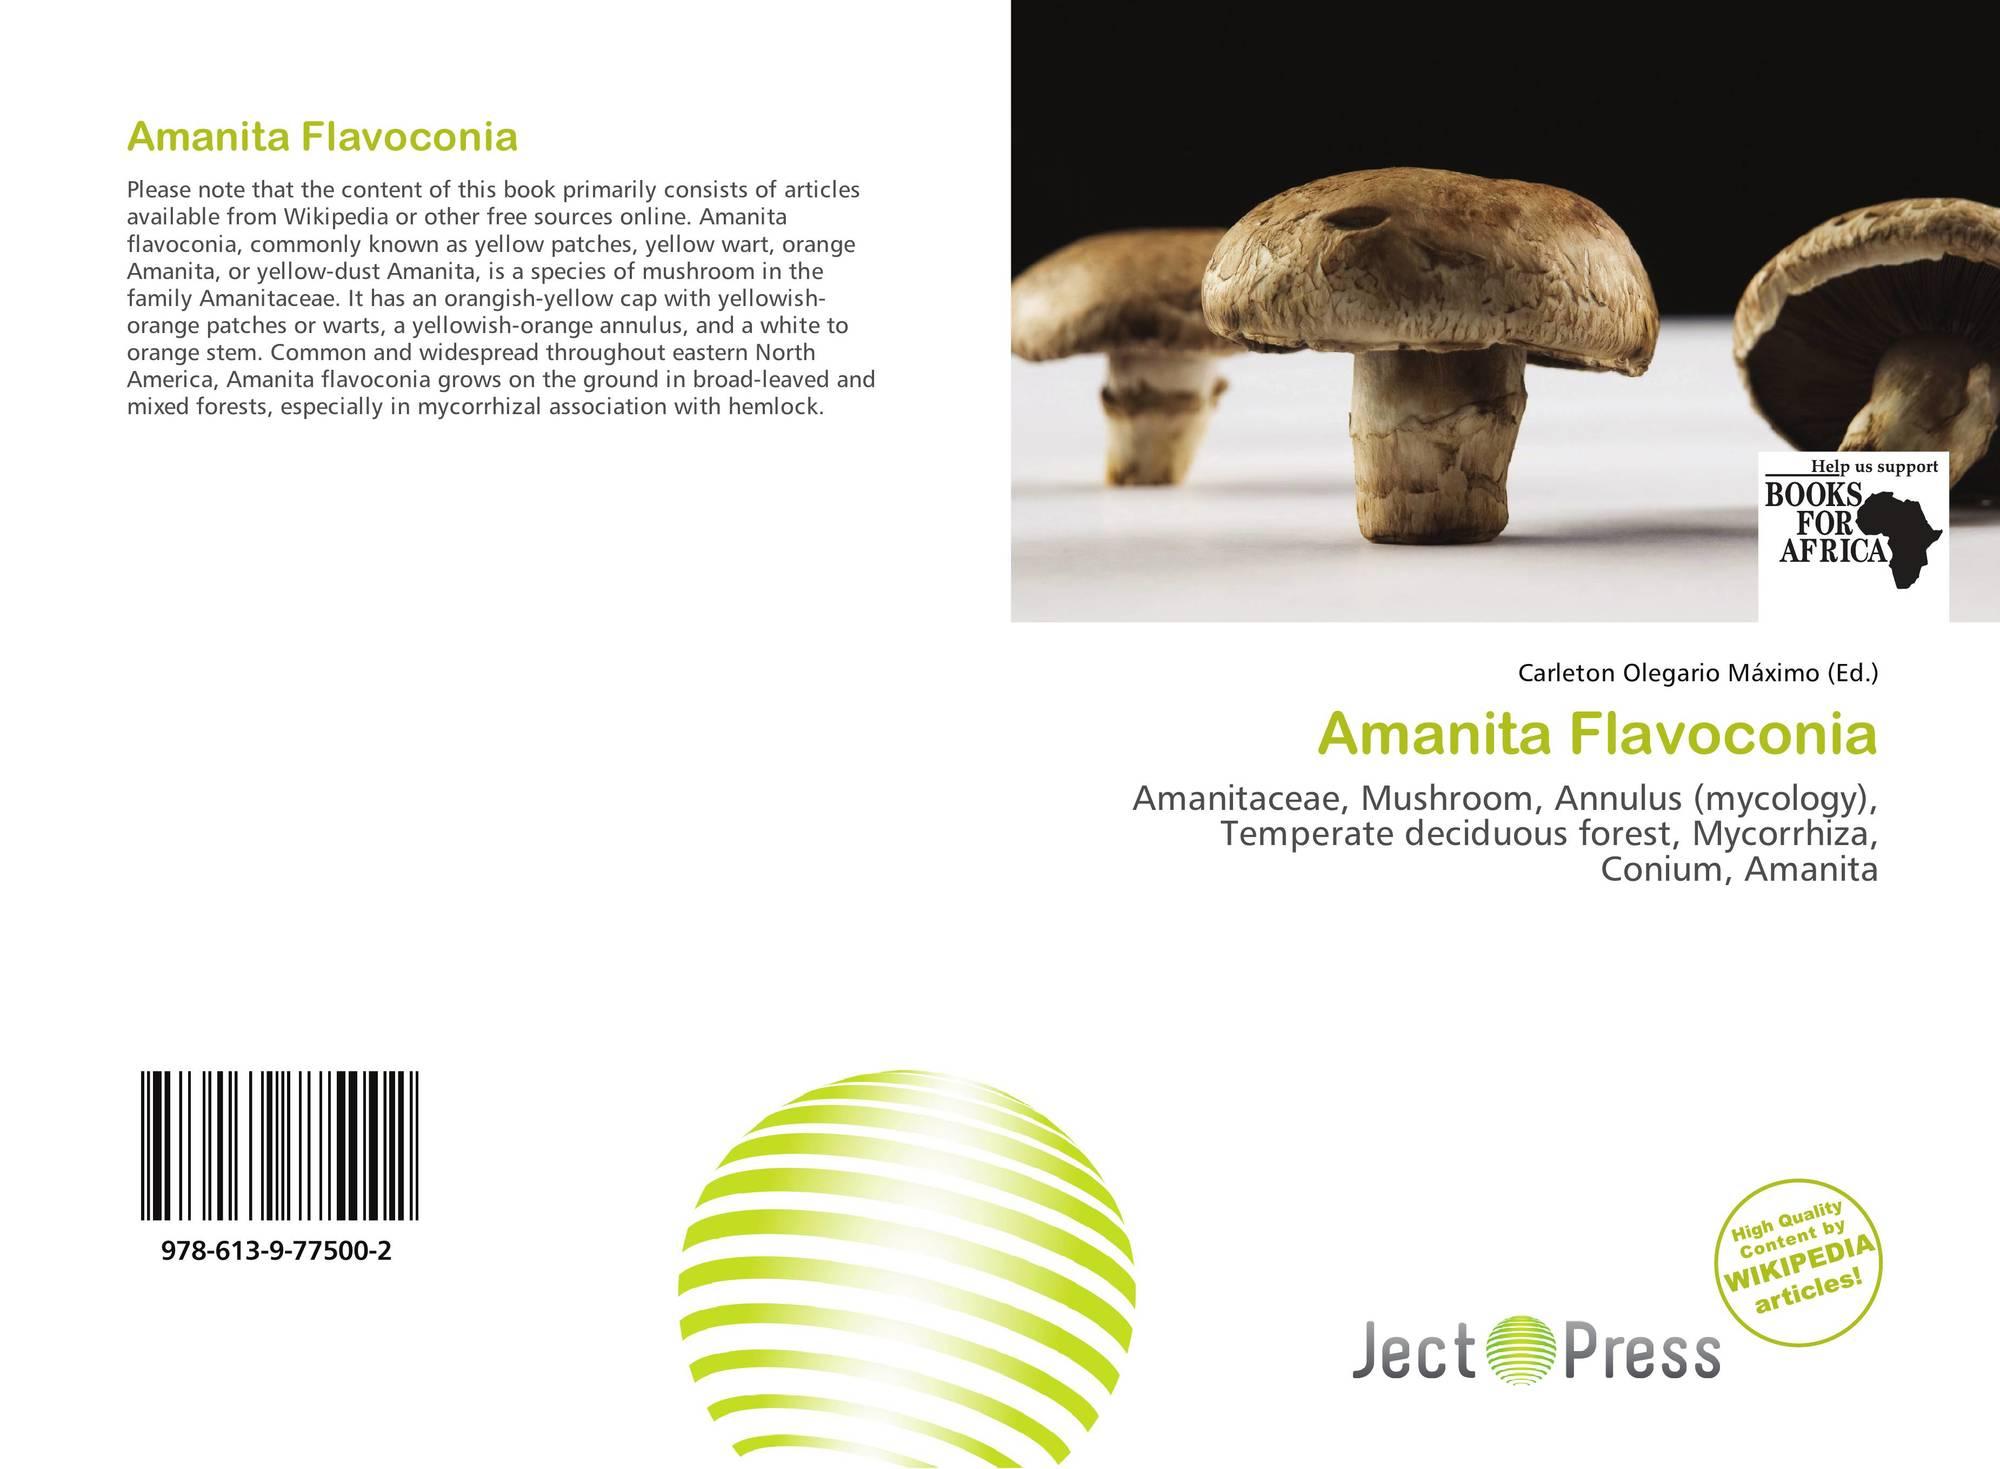 Amanita Flavoconia 978 613 9 77500 2 6139775000 9786139775002